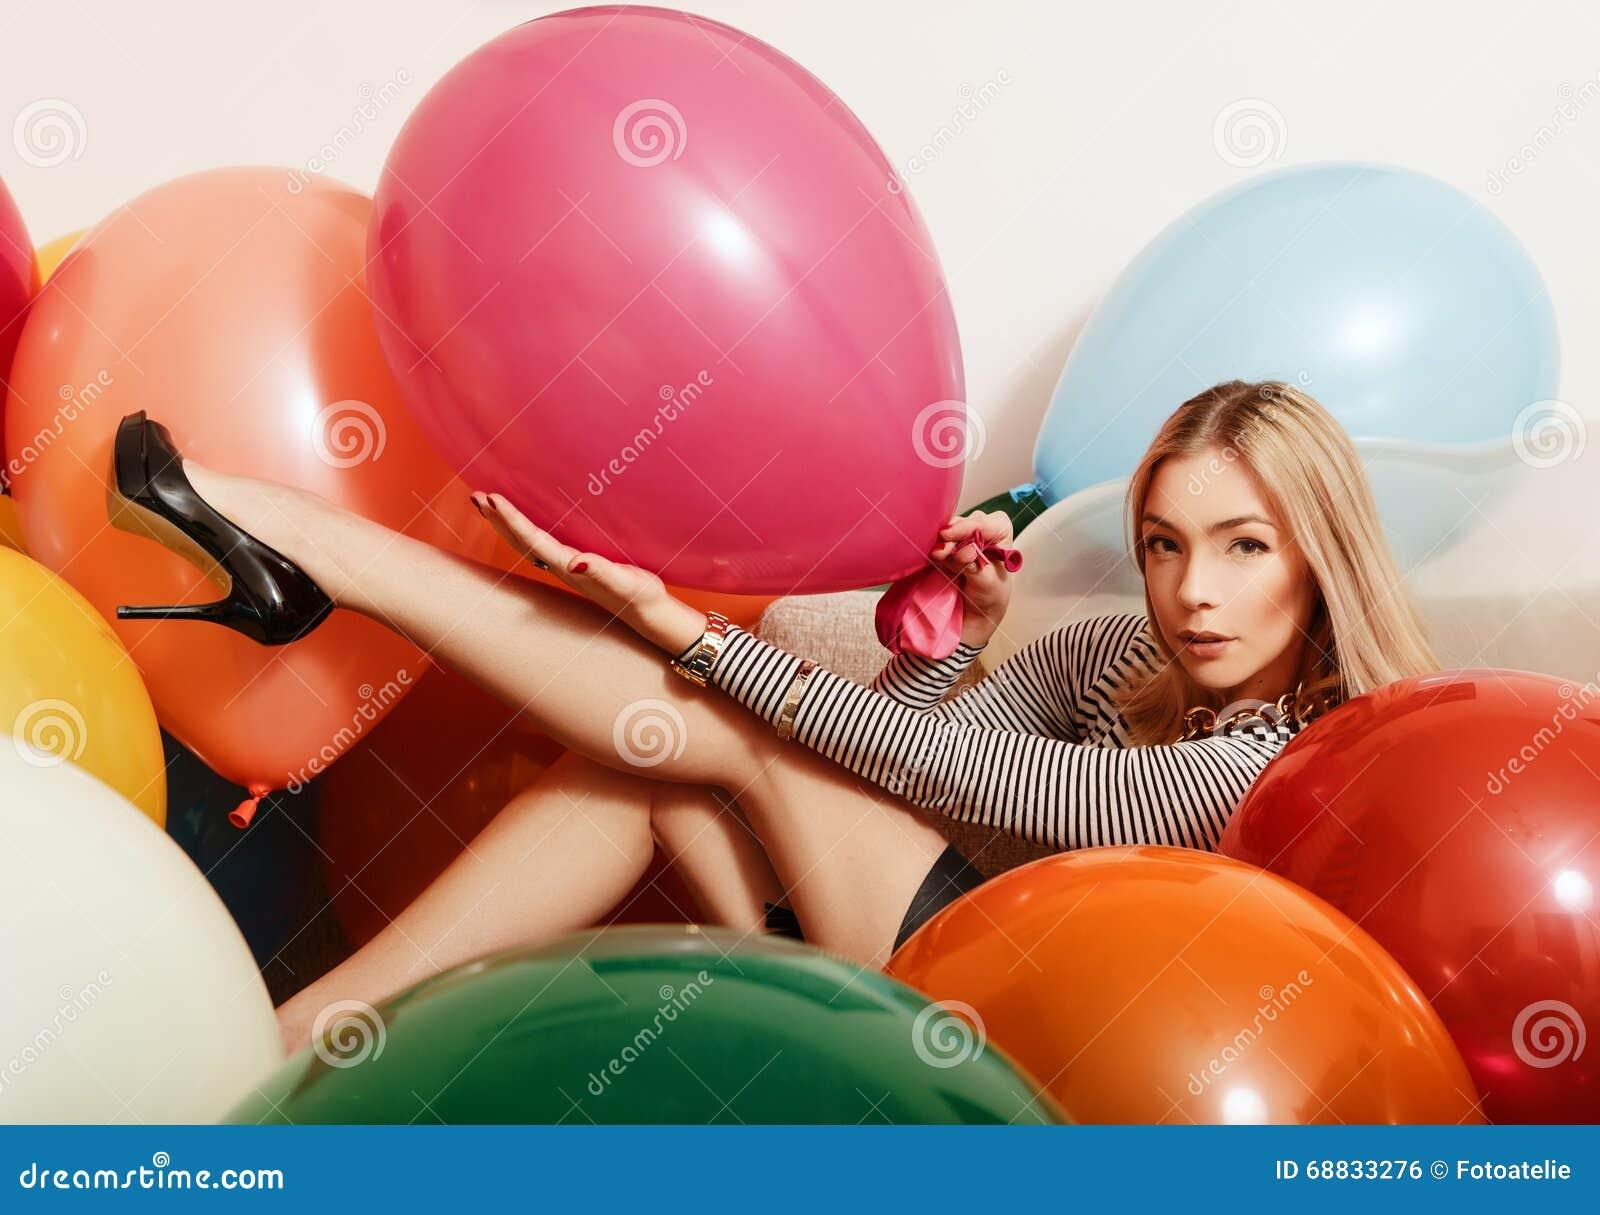 Balloon fetish women